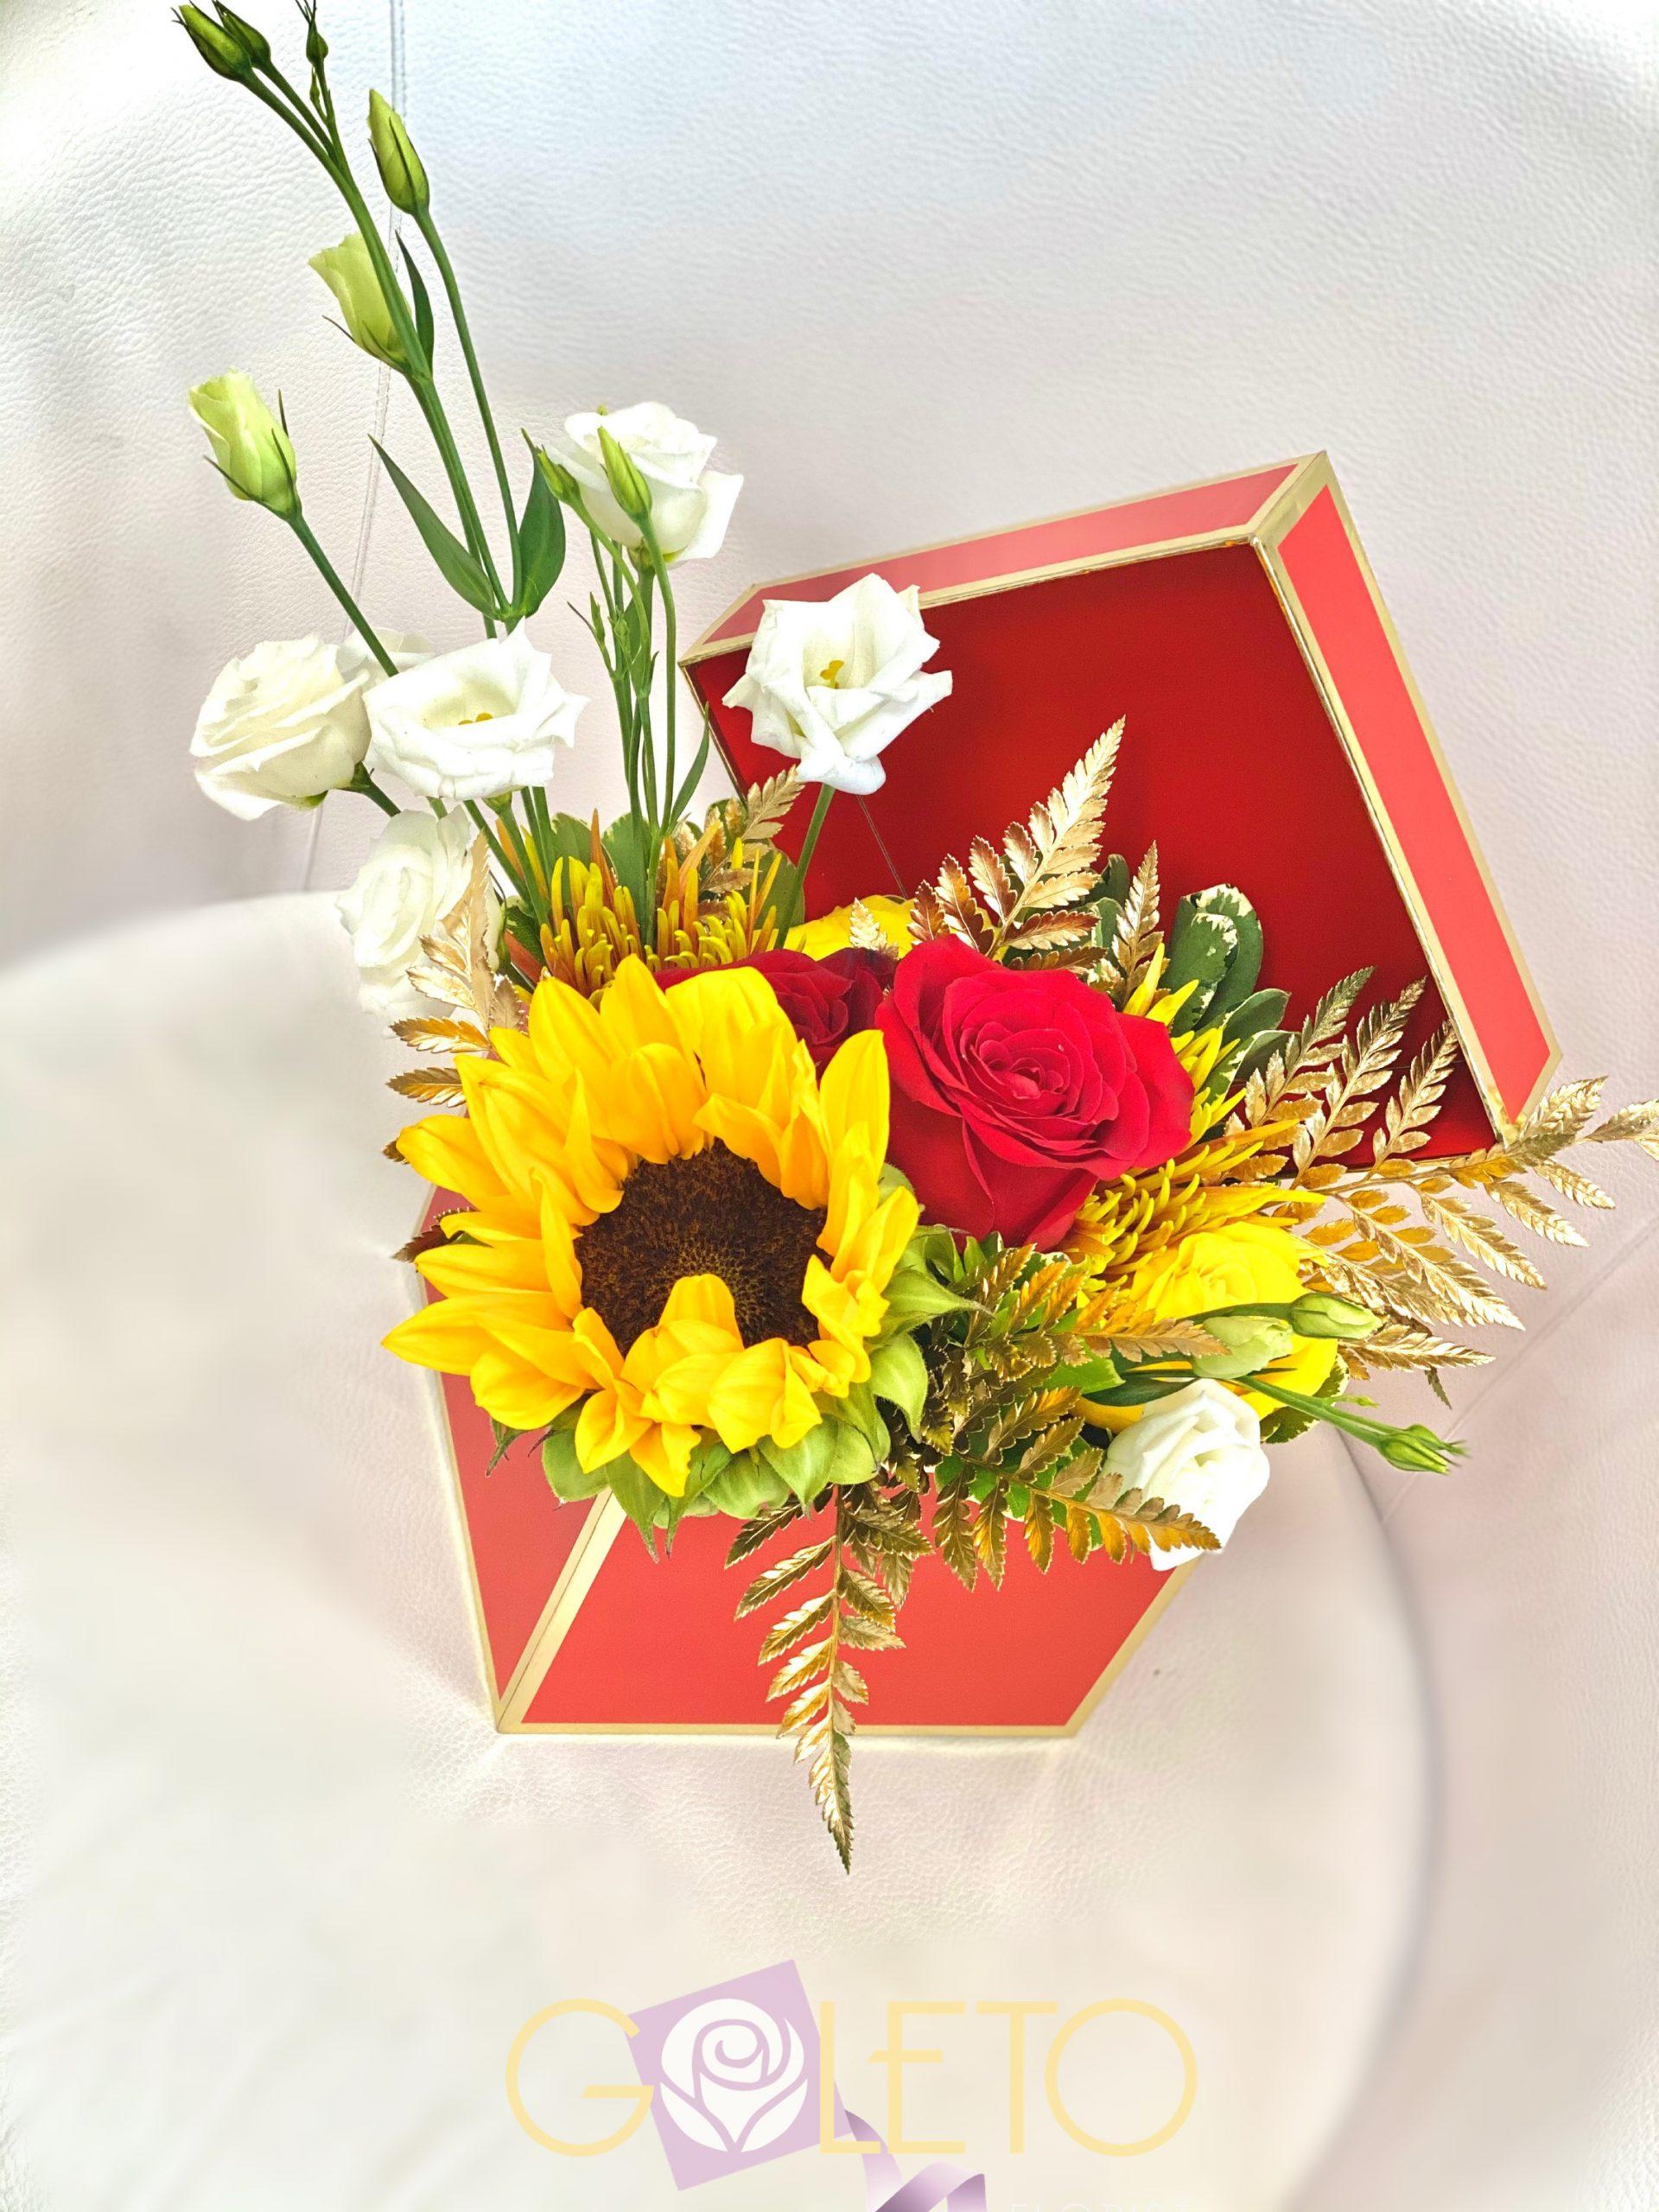 Goleto Birthday Flowers design 32